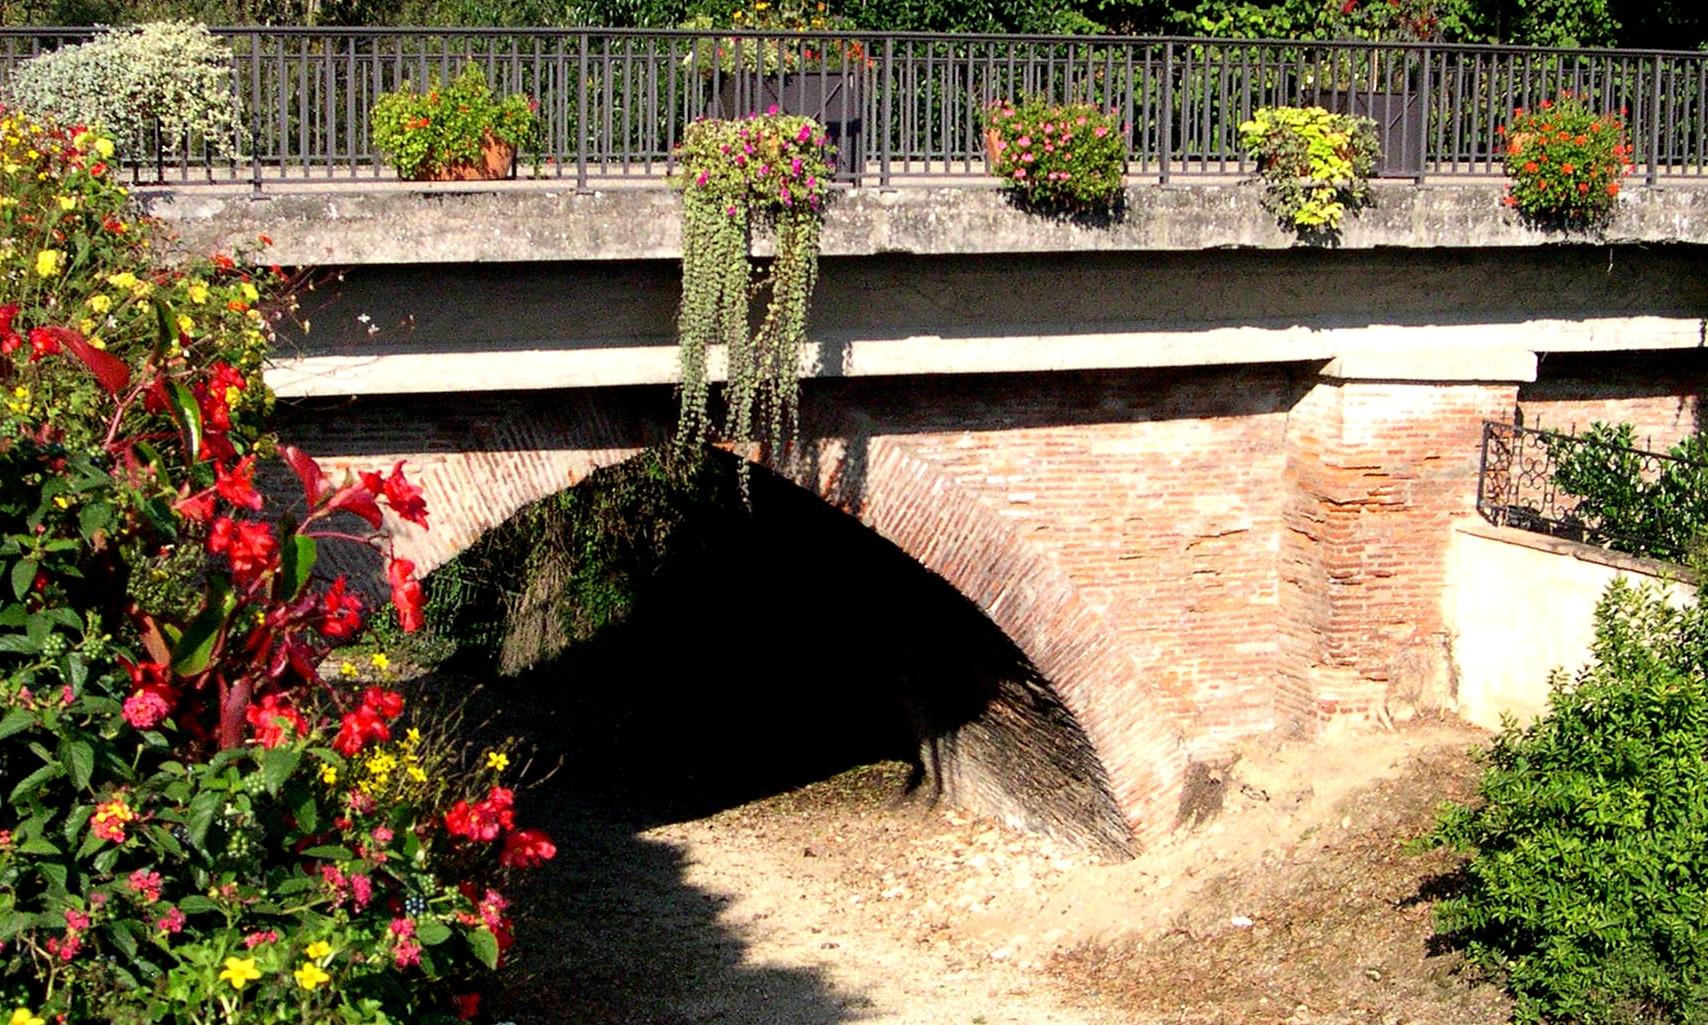 Le pont médiéval de la Rustan